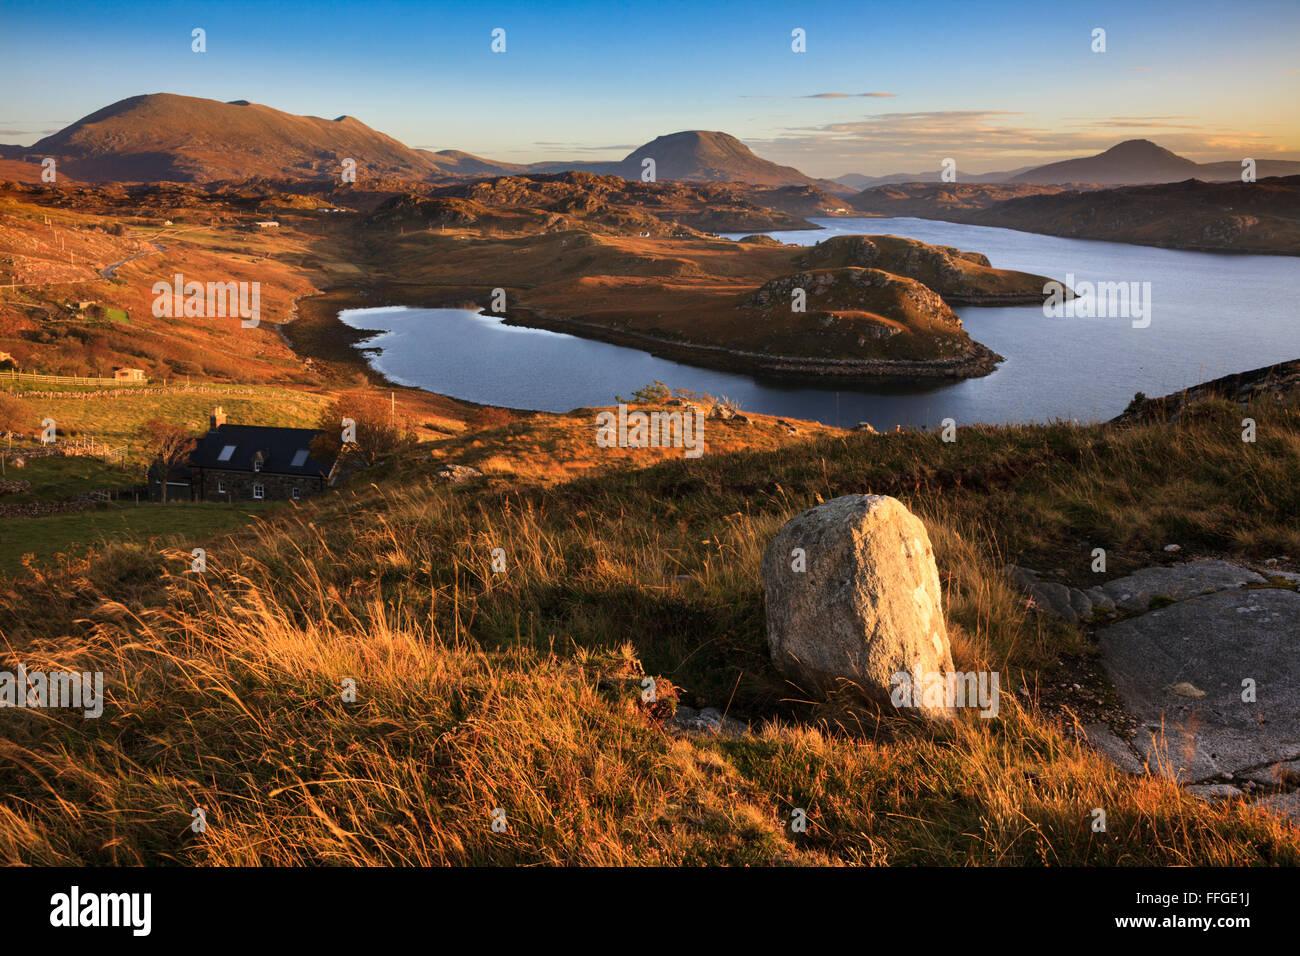 Loch Inchard vicino Kinlochbervie in Scotlan, con Foinaven, Arkle, Ben Stack nella distanza. Foto Stock